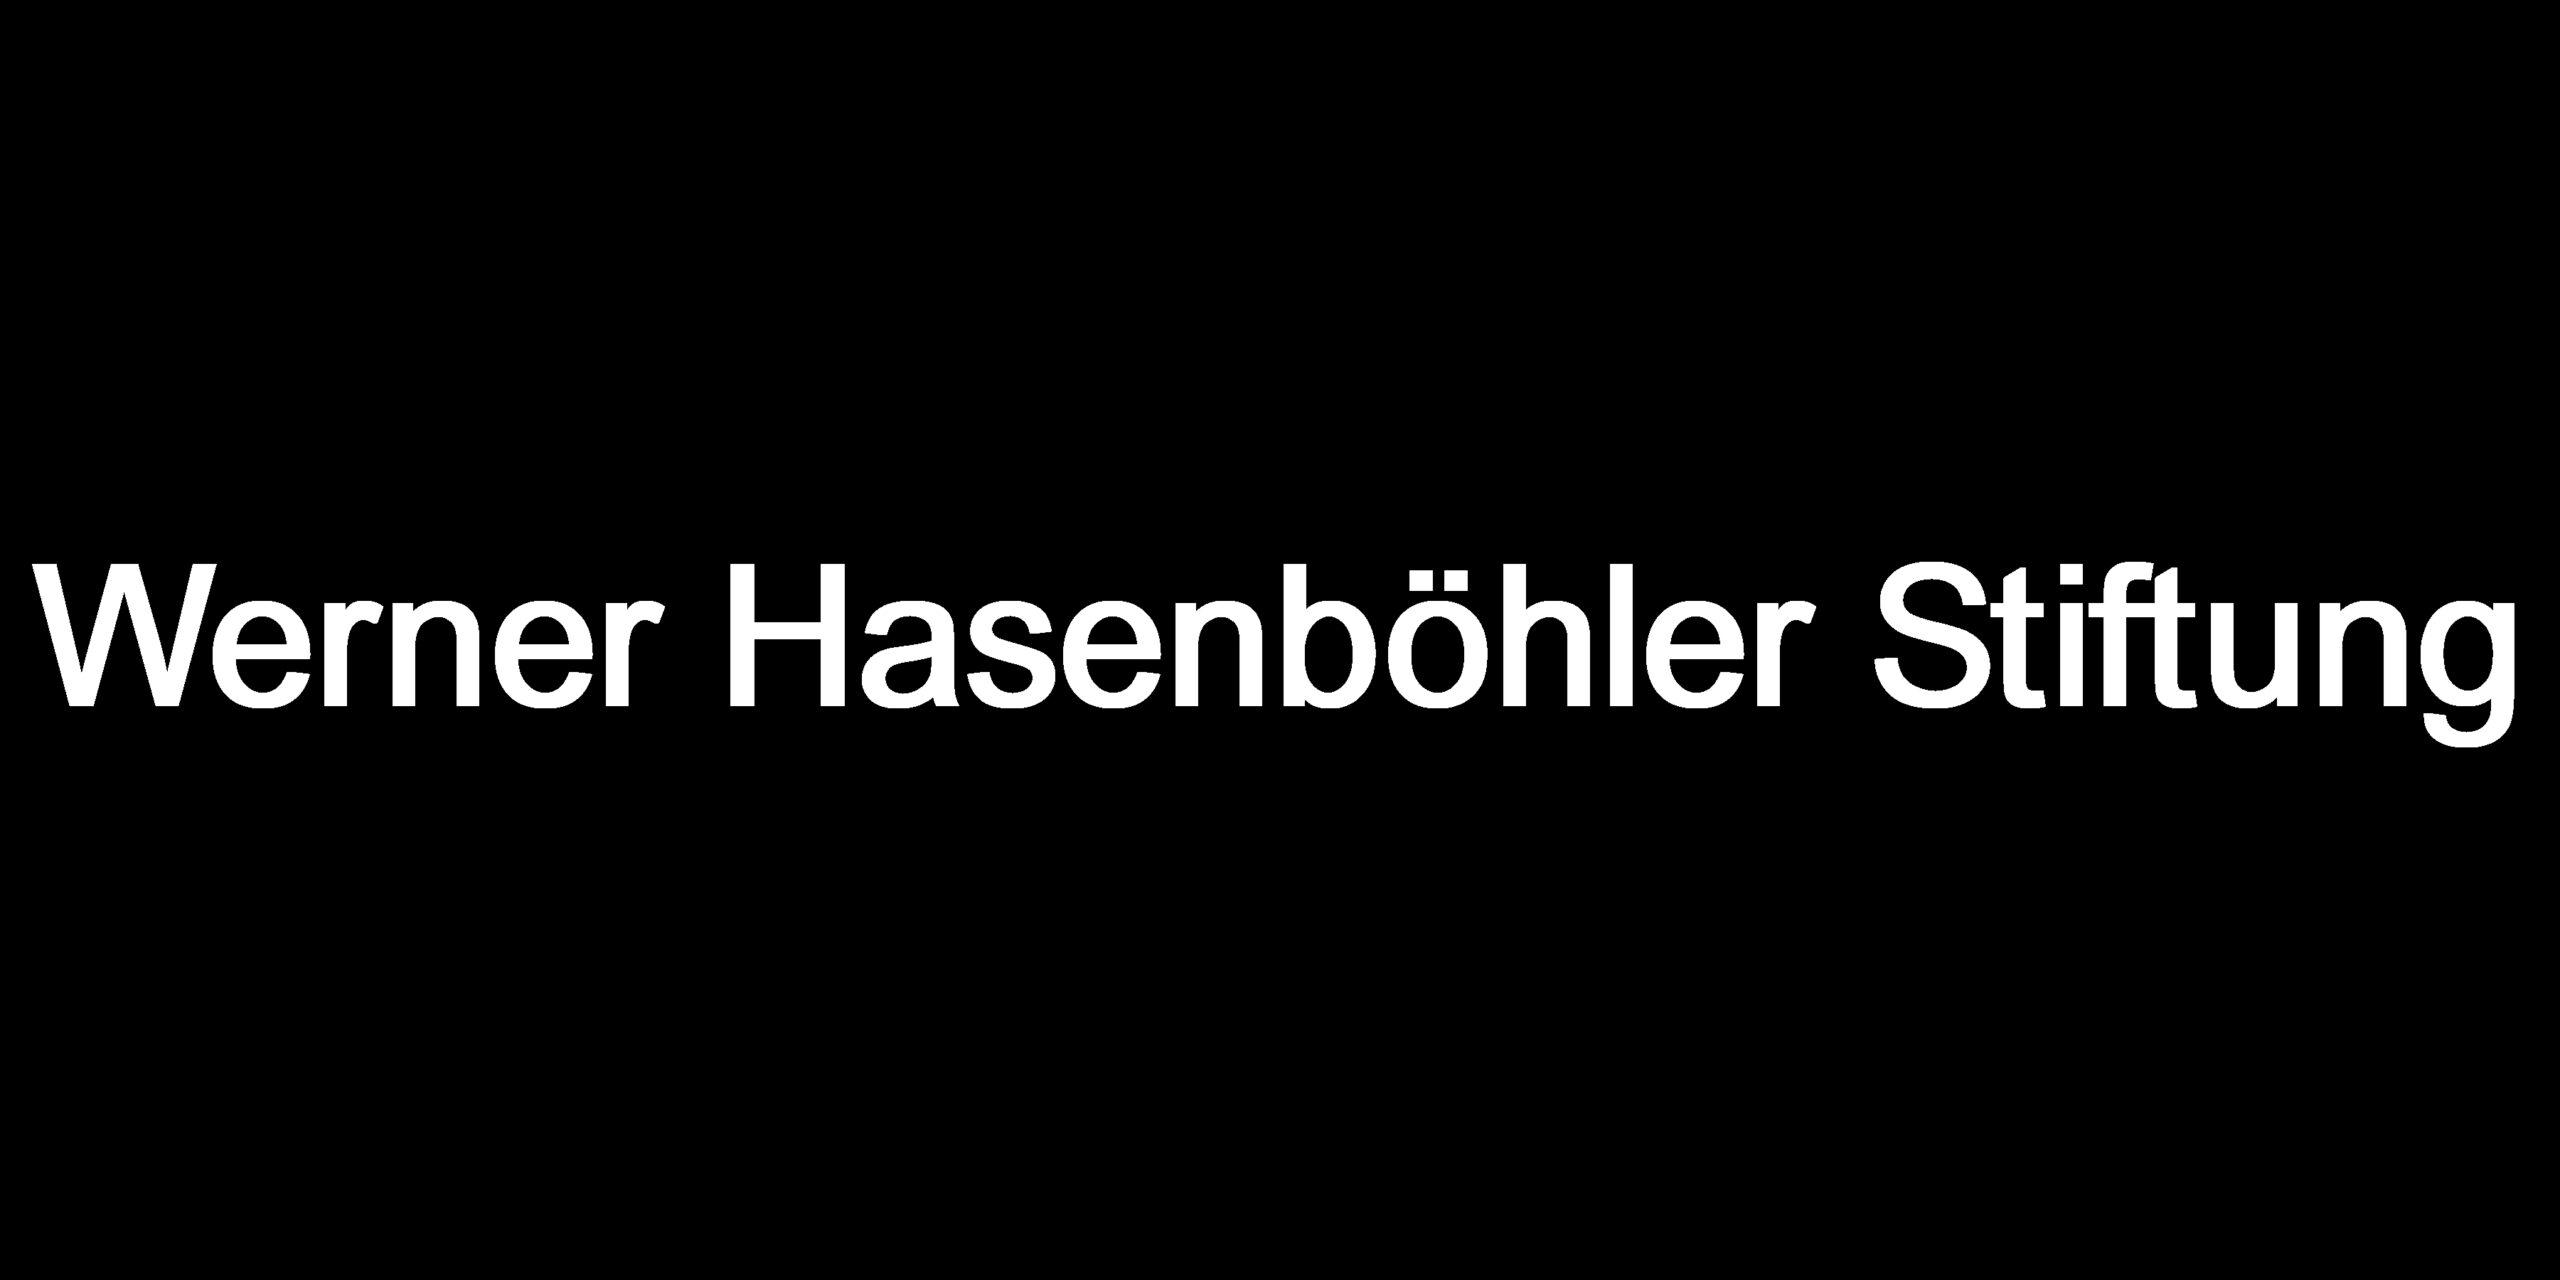 Werner Hasenböhler Stiftung_black